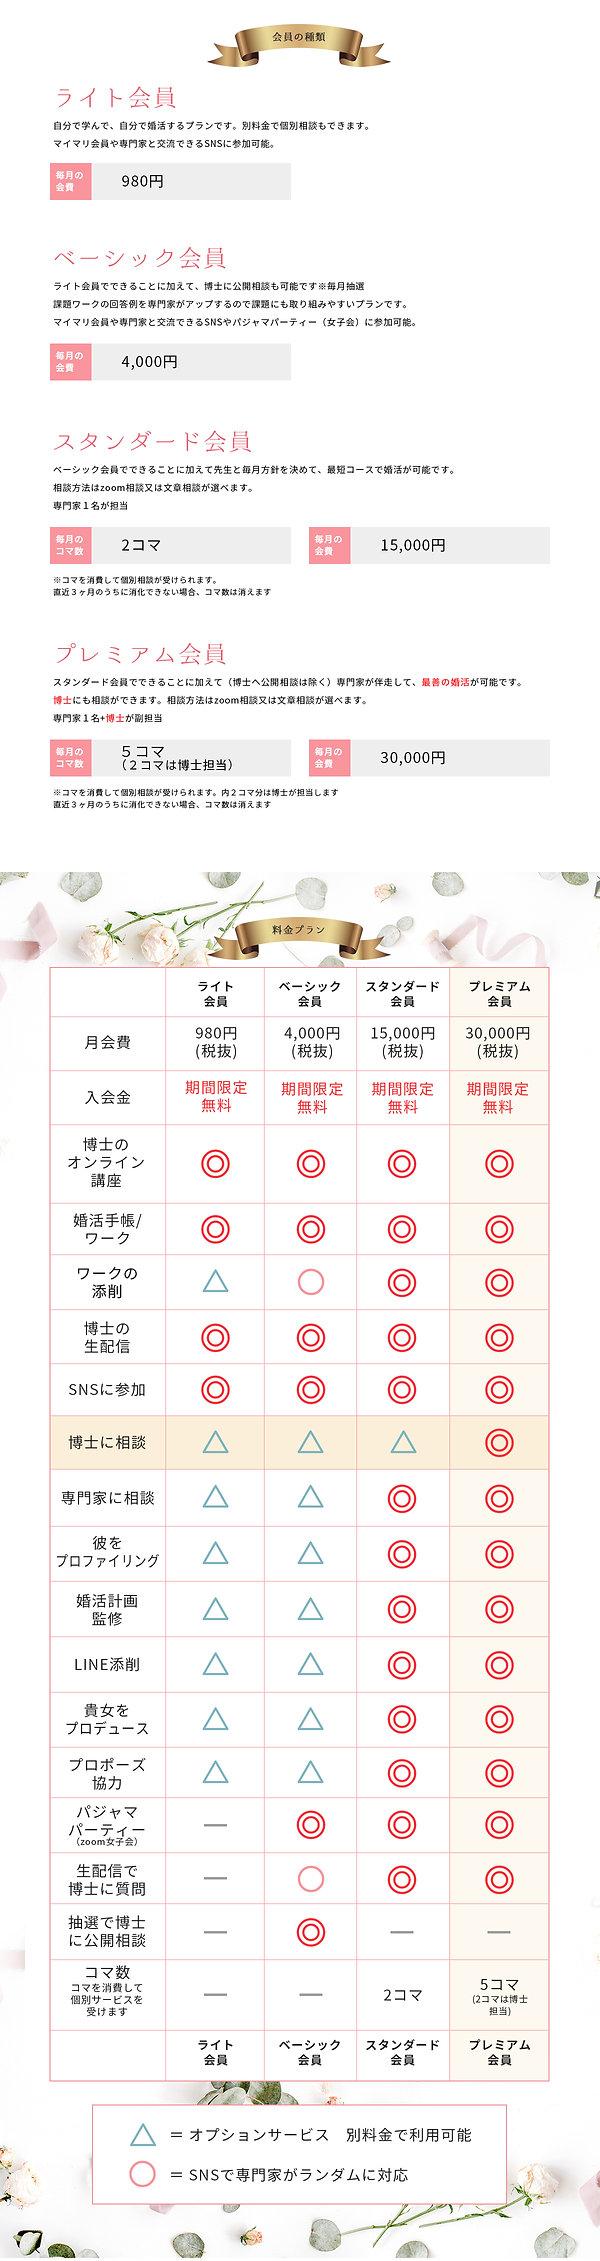 マイマリLP料金表2021-FIX.jpg